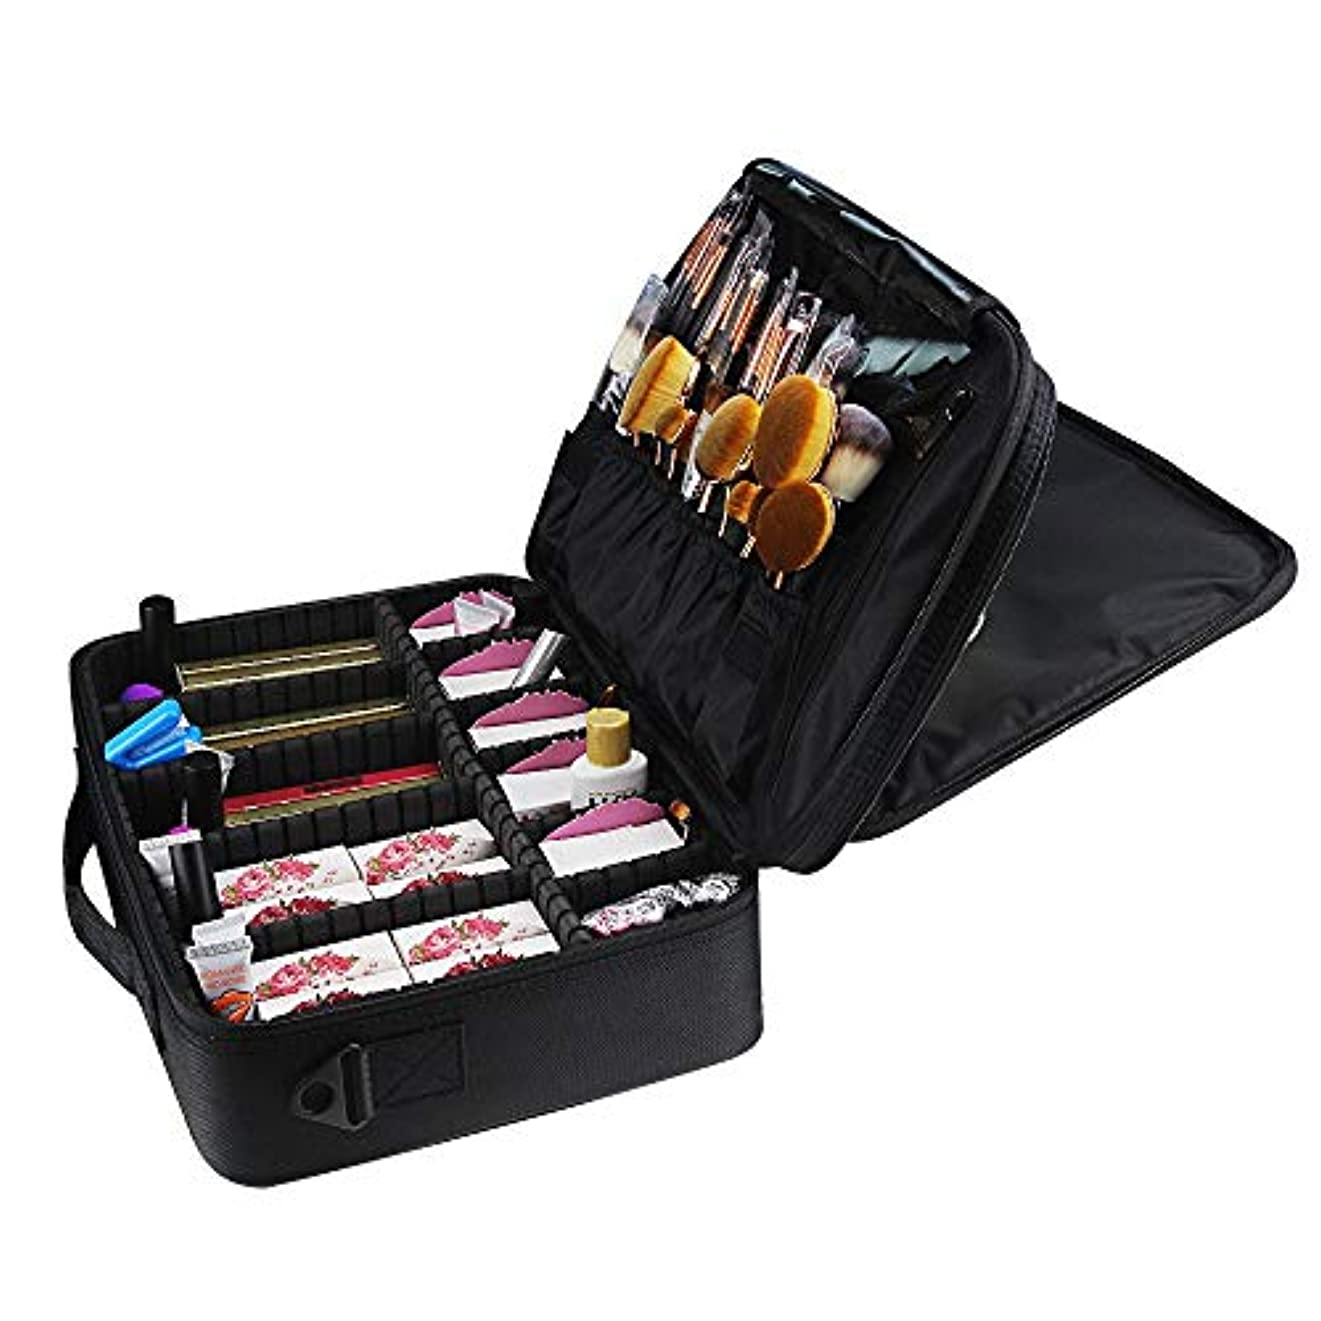 グローブ植物の評判化粧オーガナイザーバッグ メイクアップトラベルバッグストレージバッグ防水ミニメイクアップケース旅行旅行のための 化粧品ケース (色 : ブラック)